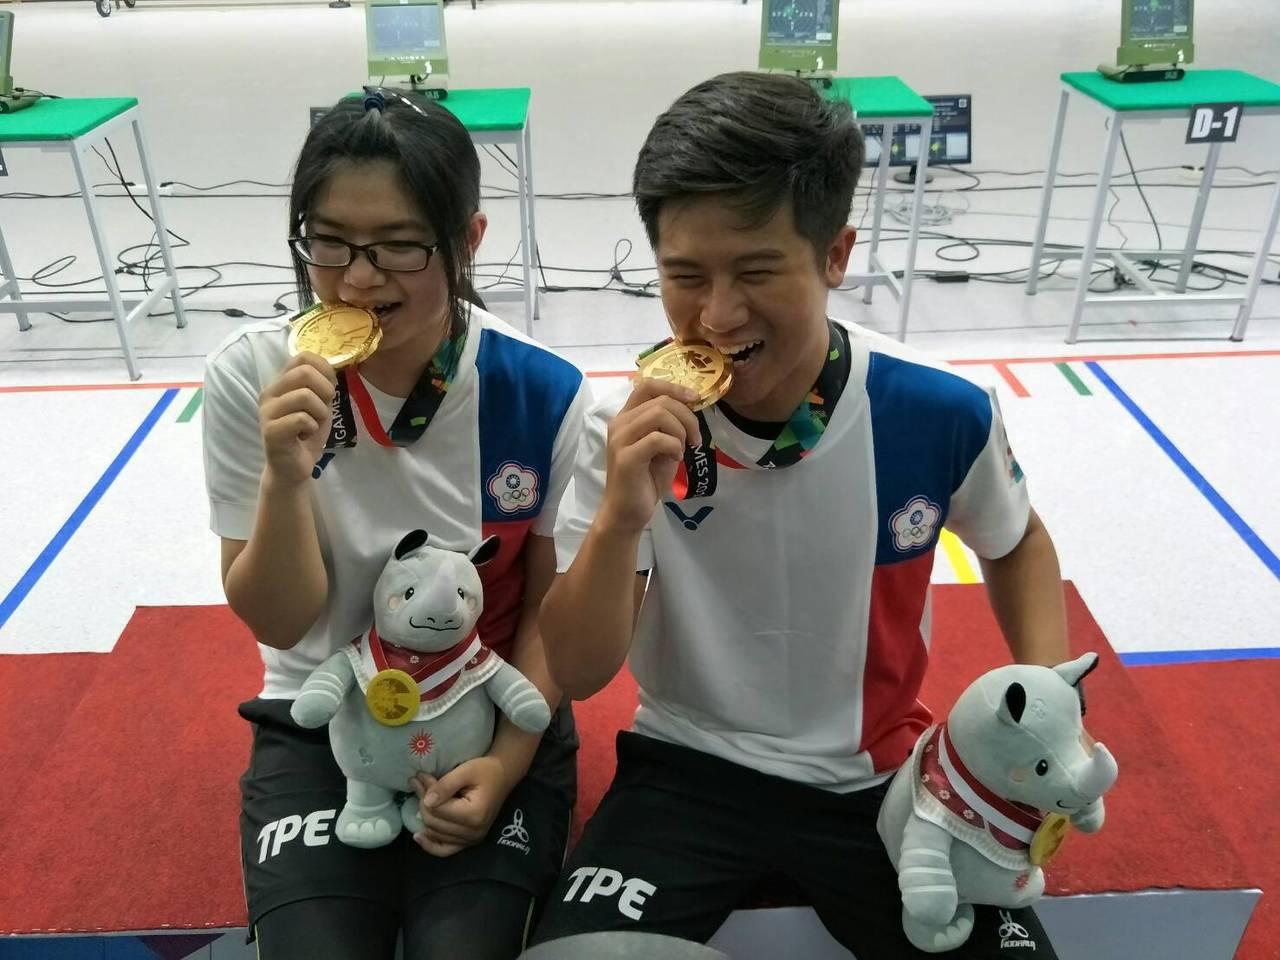 呂紹全(右)、林穎欣(左)奪得亞運10公尺空氣步槍混合團體金牌。 圖/中華奧會提...